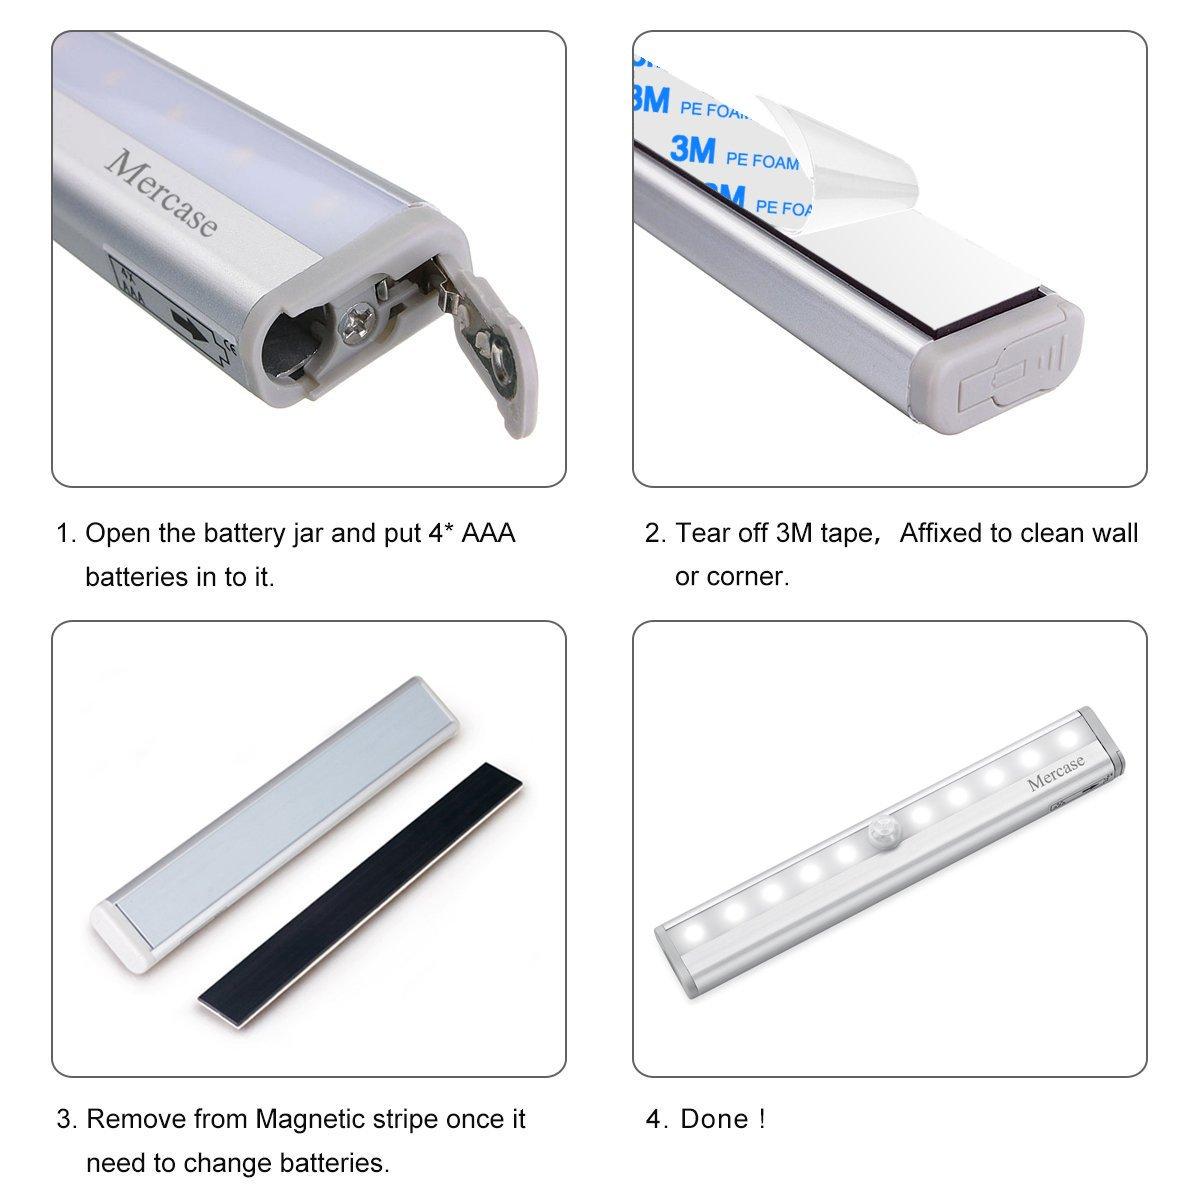 luce per Armadio con Sensore,Lampada Armadio con Sensore Luce e di Movimento Alimentata a Batterie Luce Notte per Armadio,Comodino,Corridoio(Confezione da 2)